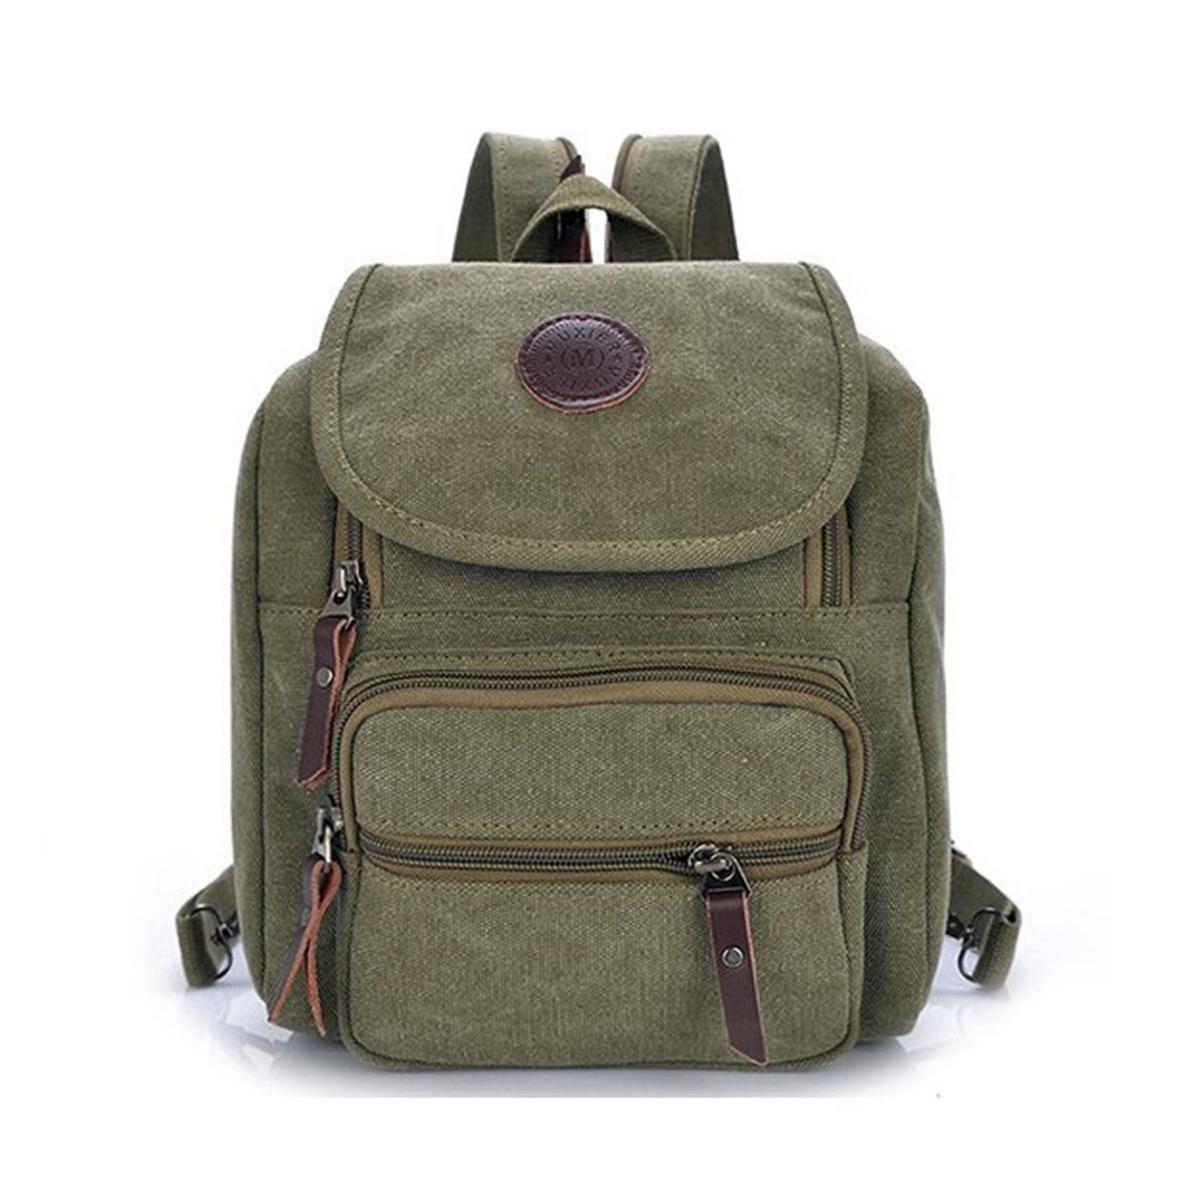 mens womens vintage canvas backpack satchel rucksack. Black Bedroom Furniture Sets. Home Design Ideas